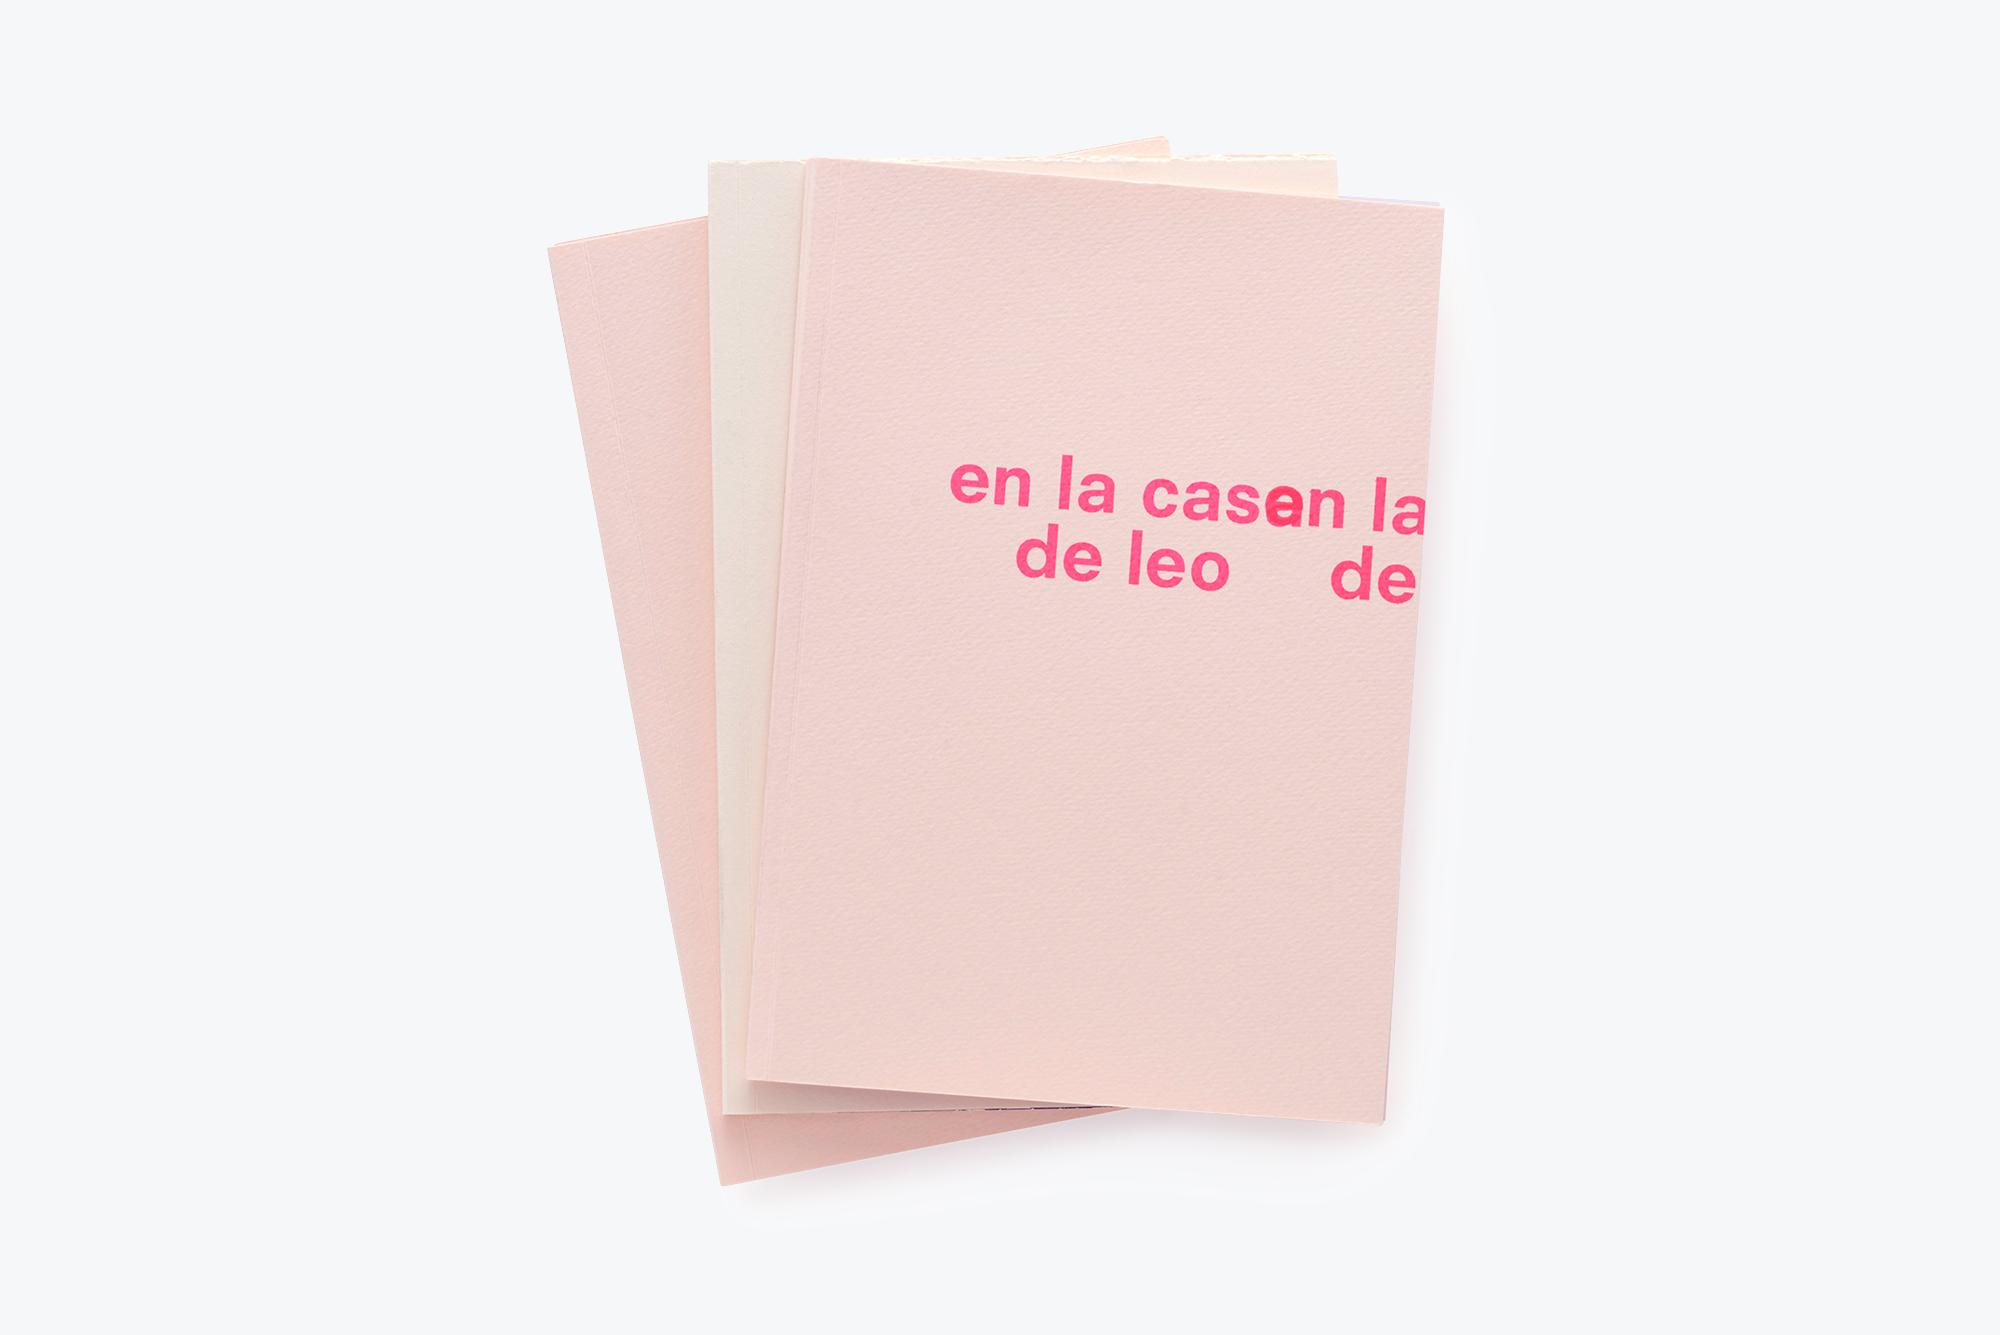 En_la_Casa_de_Leo_Paula_Giraldo_11.jpg